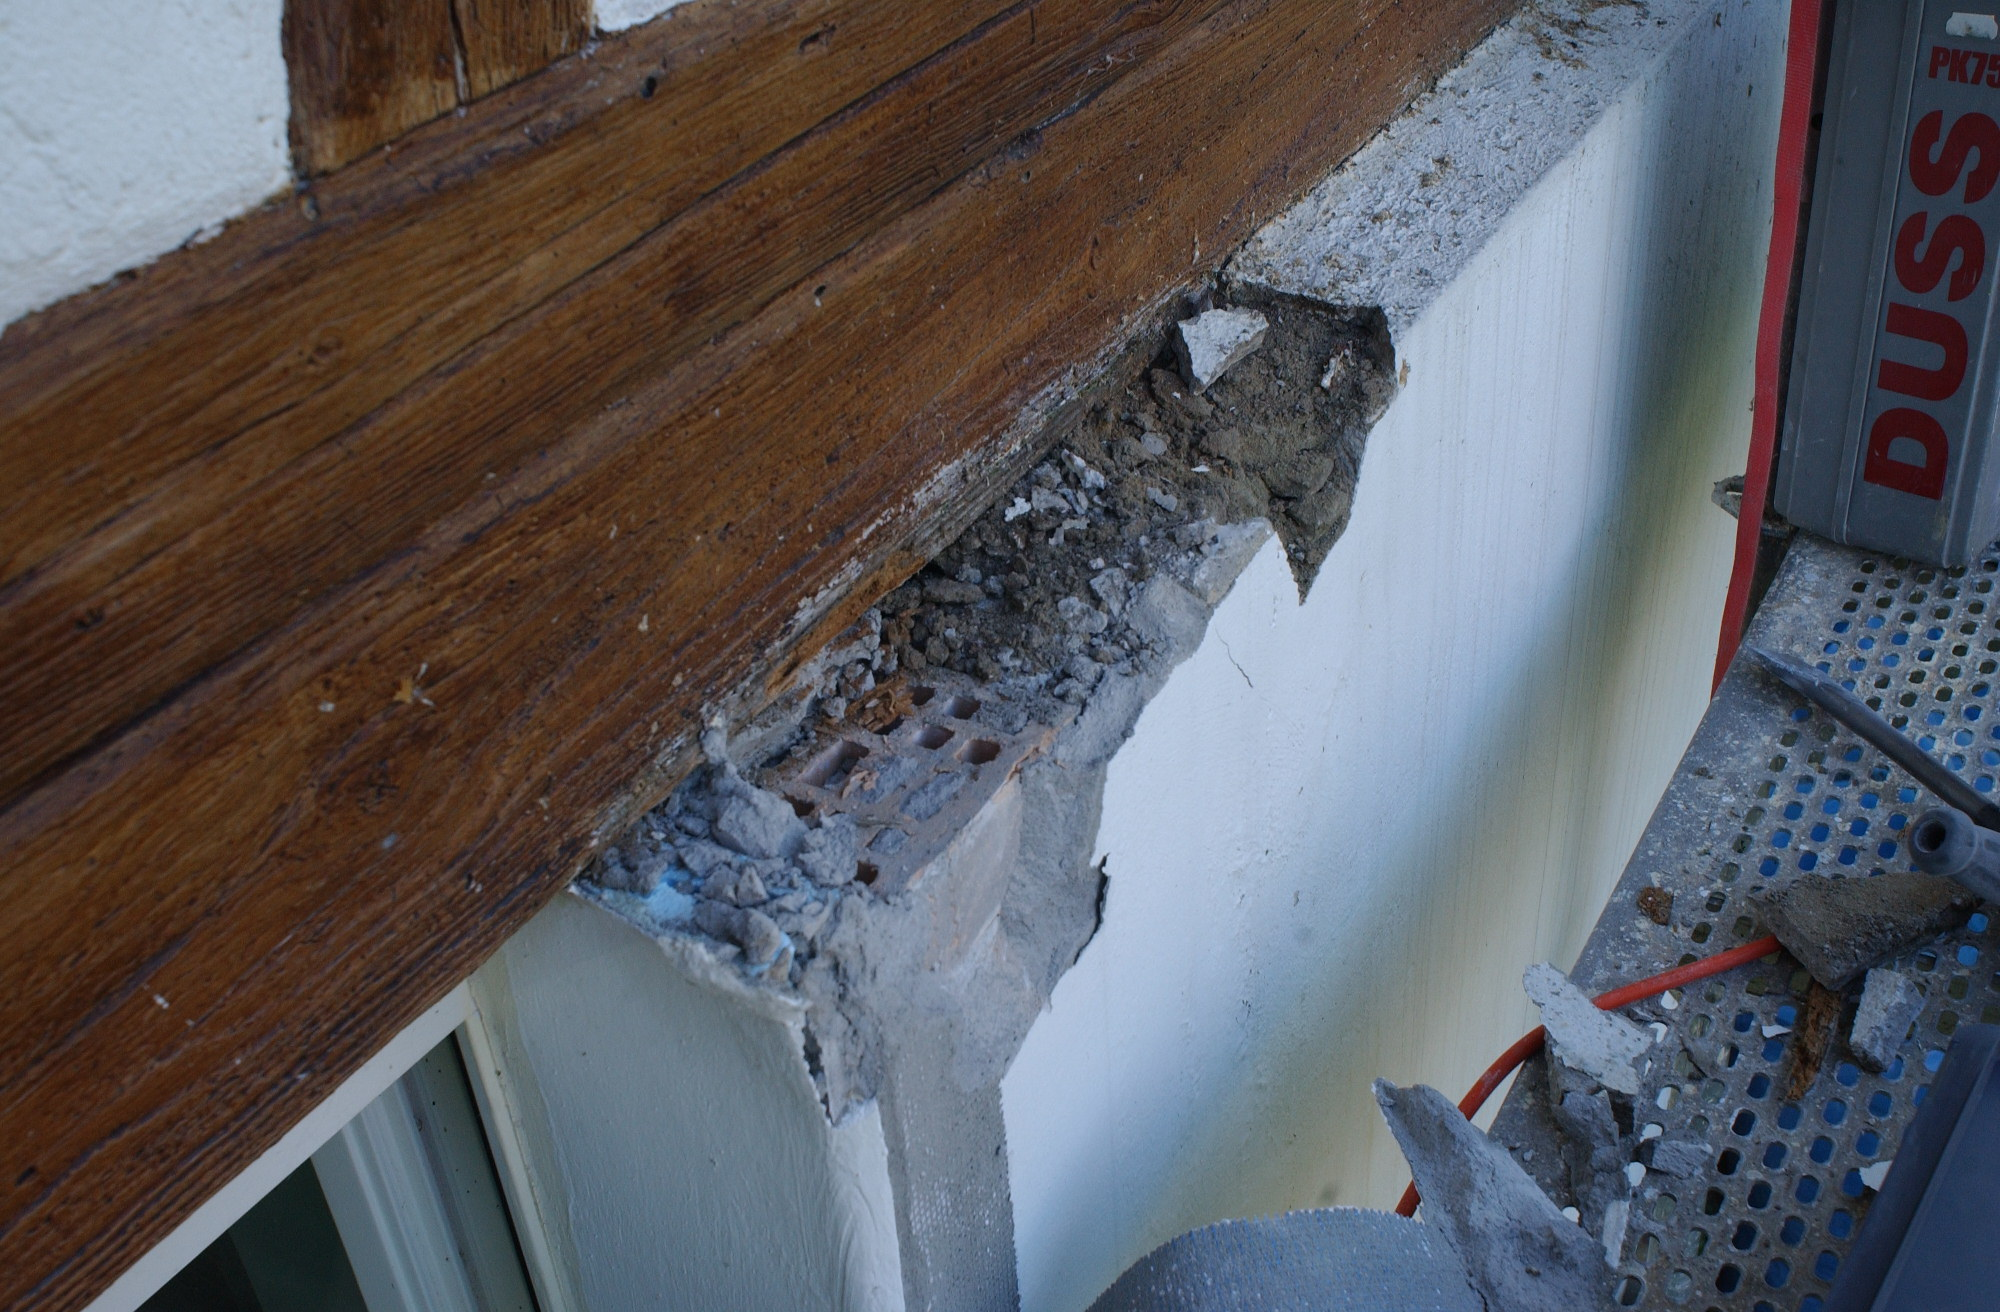 Aussen wurde ein Zementputz aufgebracht, der ein Abtrocknen der Wand nach Aussen wirksam unterbunden hat...